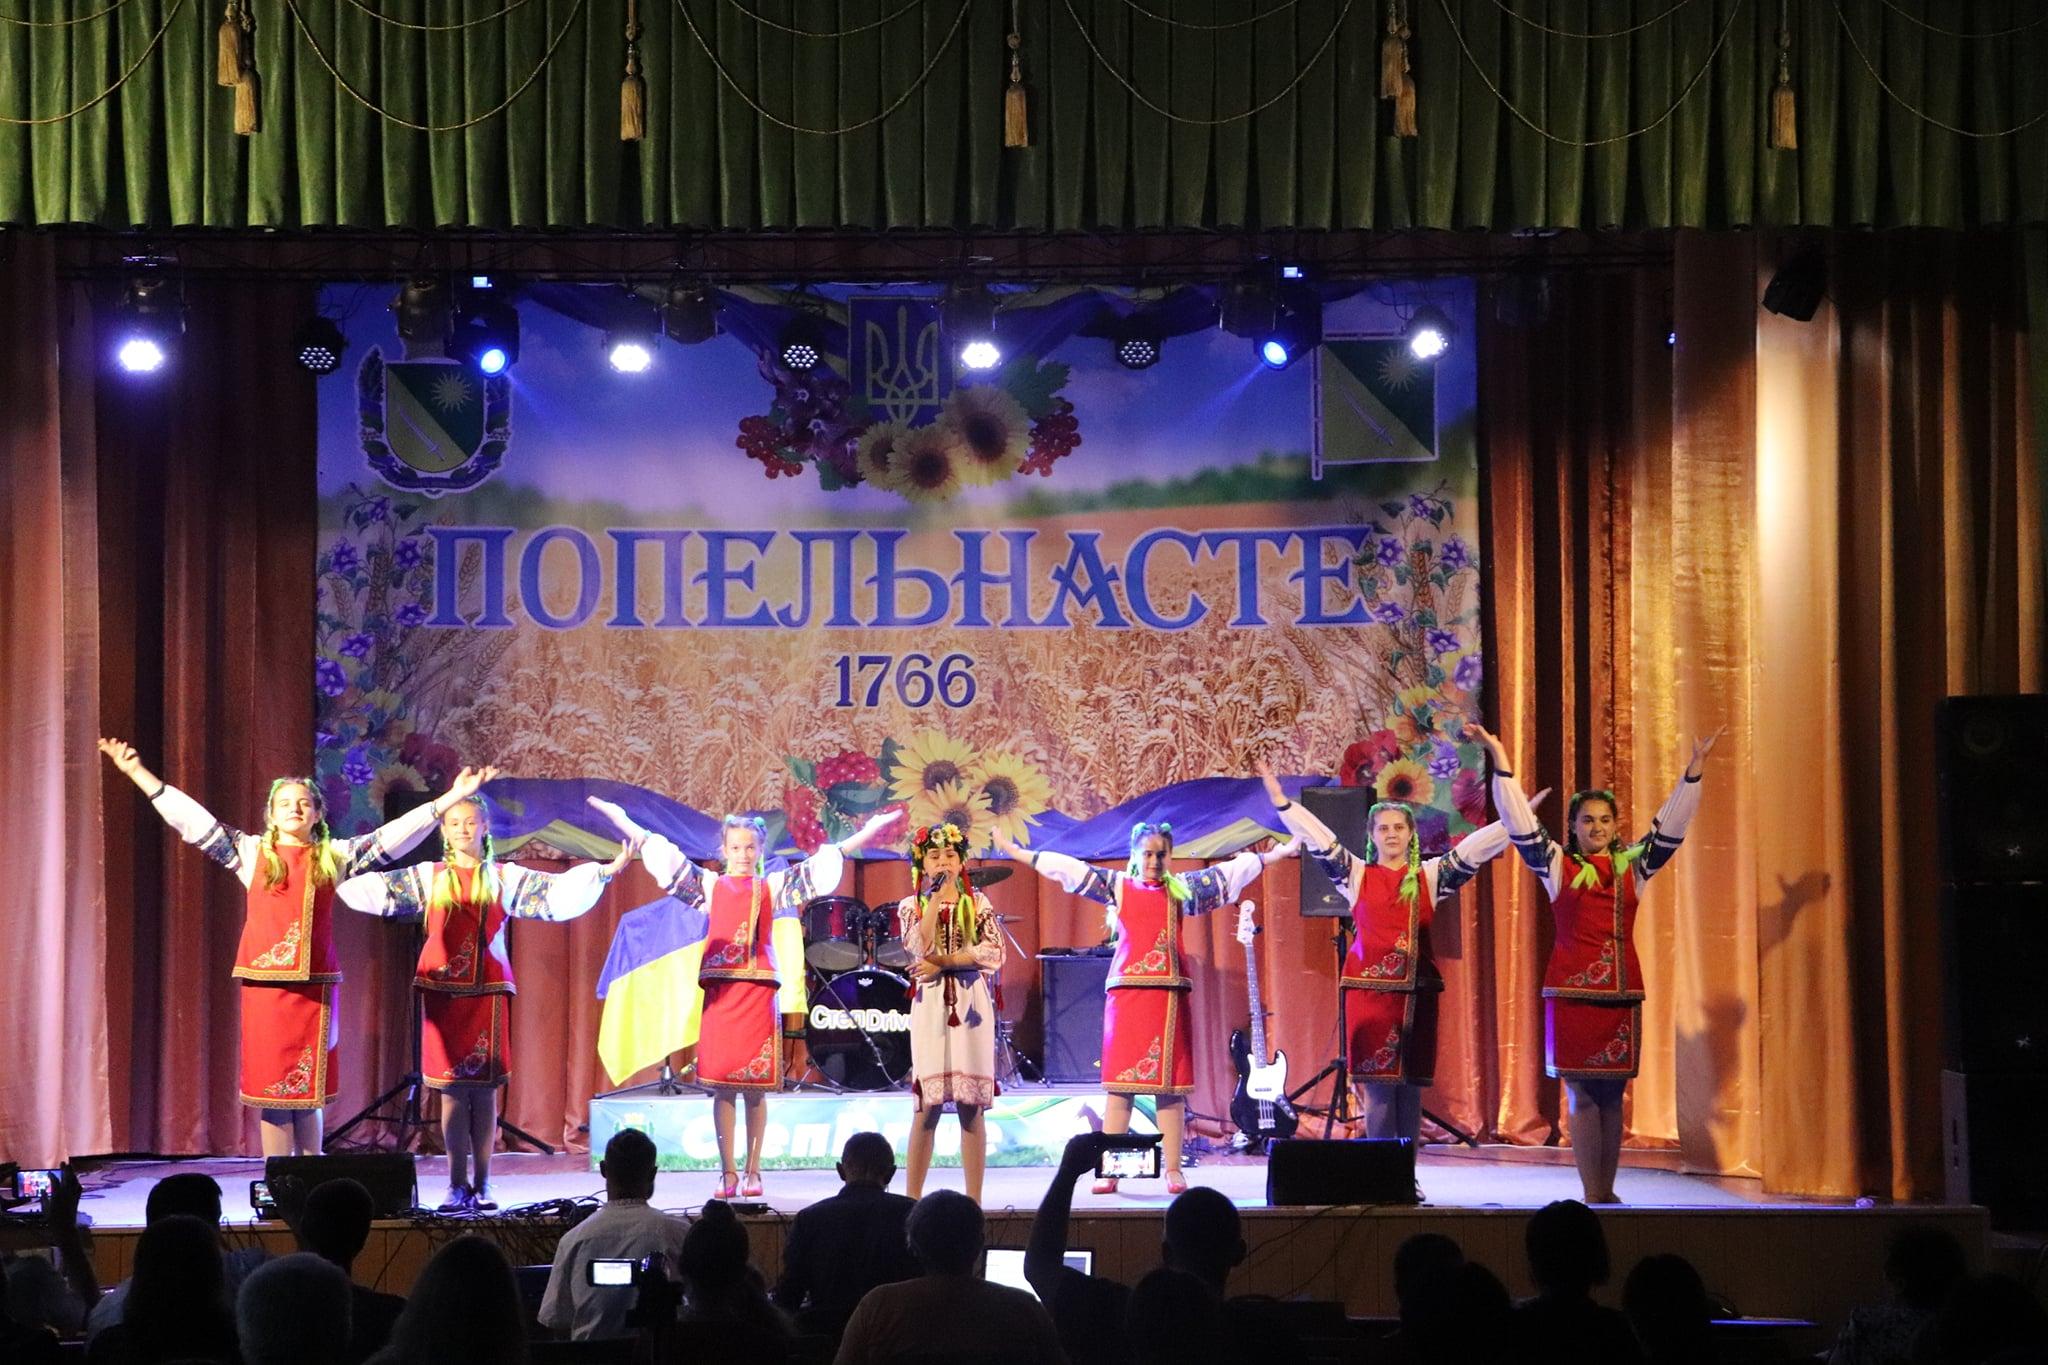 У Попельнастівському будинку культури святкування 25 річниці Конституції України завершилося великим і яскравим концертом